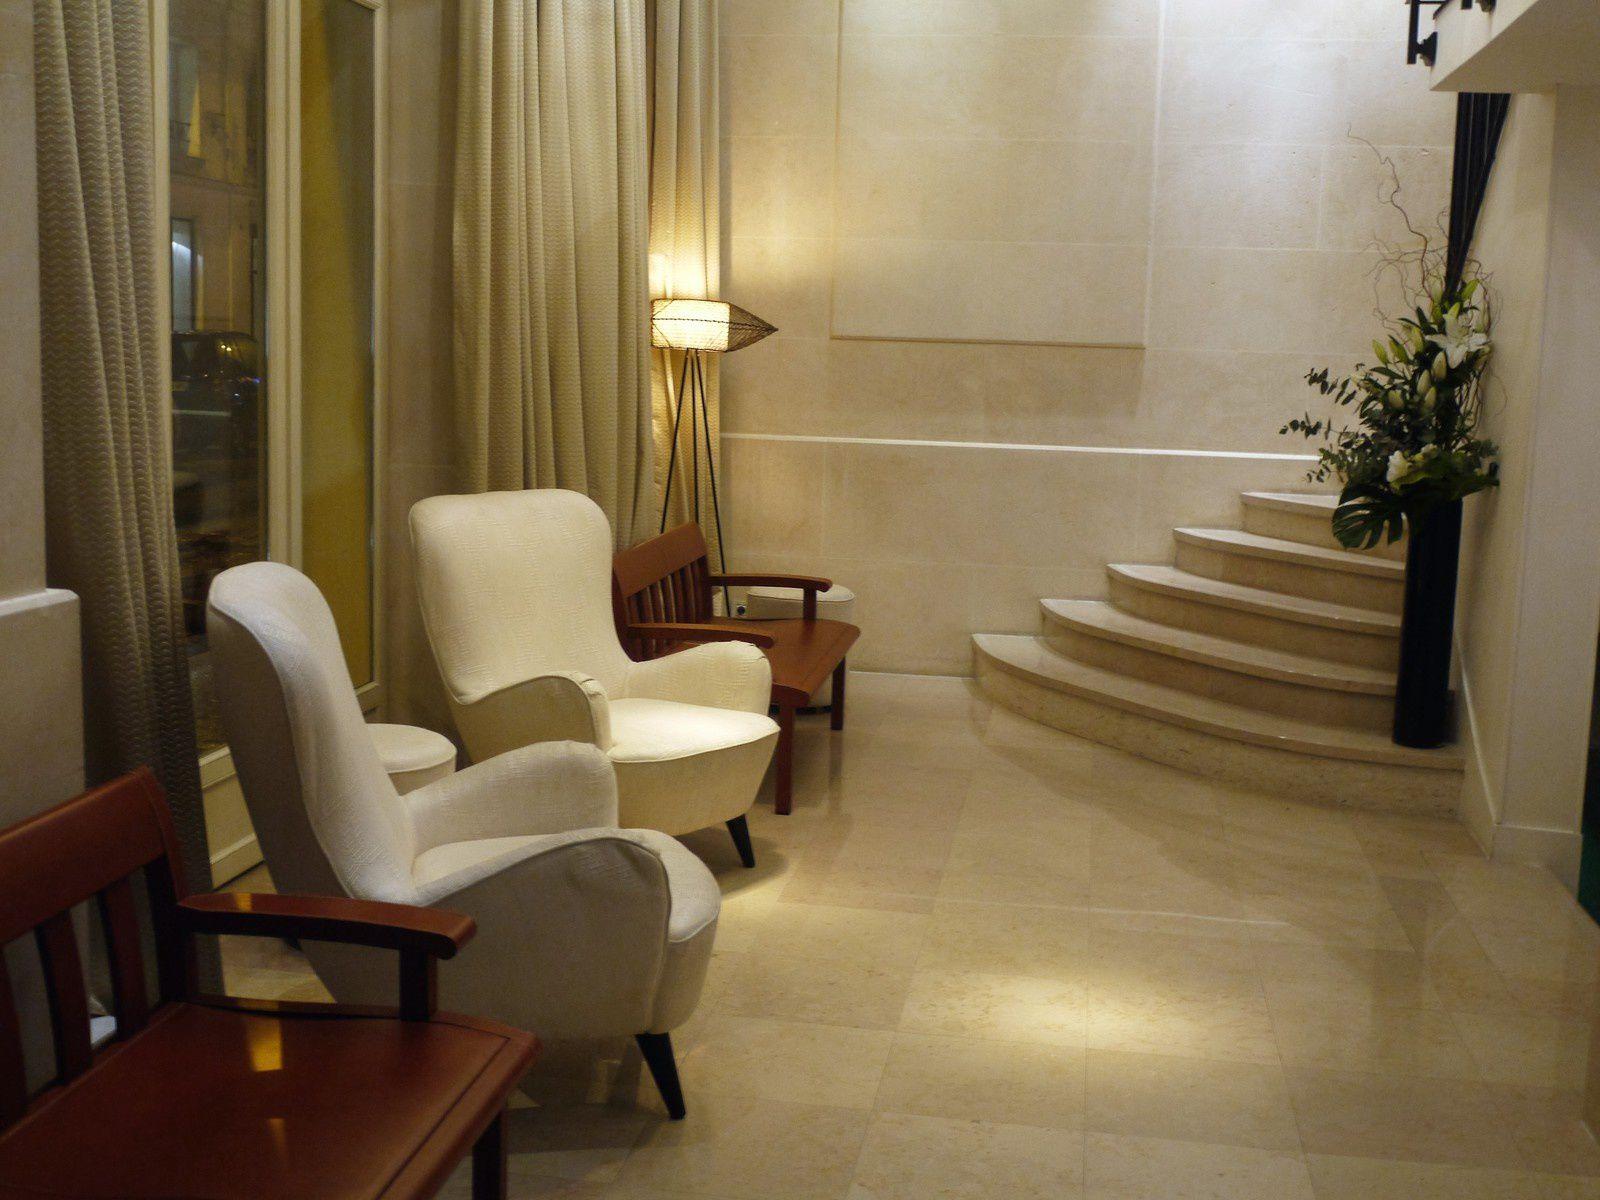 Le Pradey, un hôtel classieux à deux pas des Tuileries